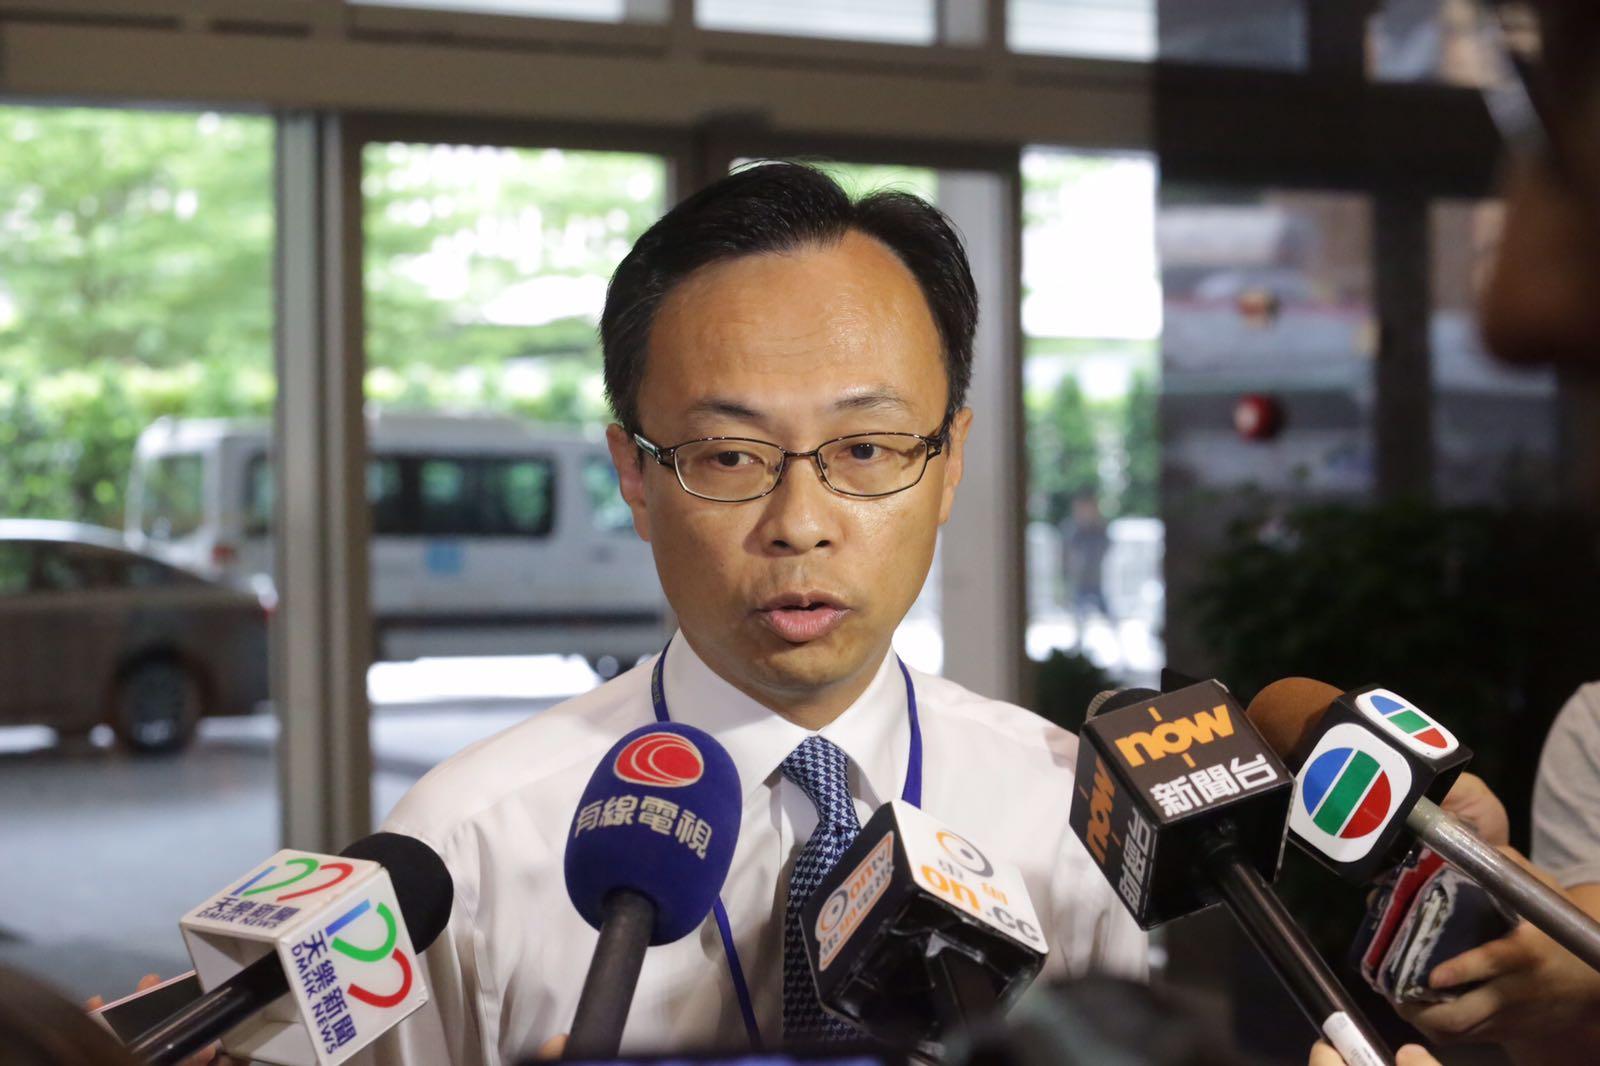 聶德權表示首要工作是跟進大灣區合作協議。